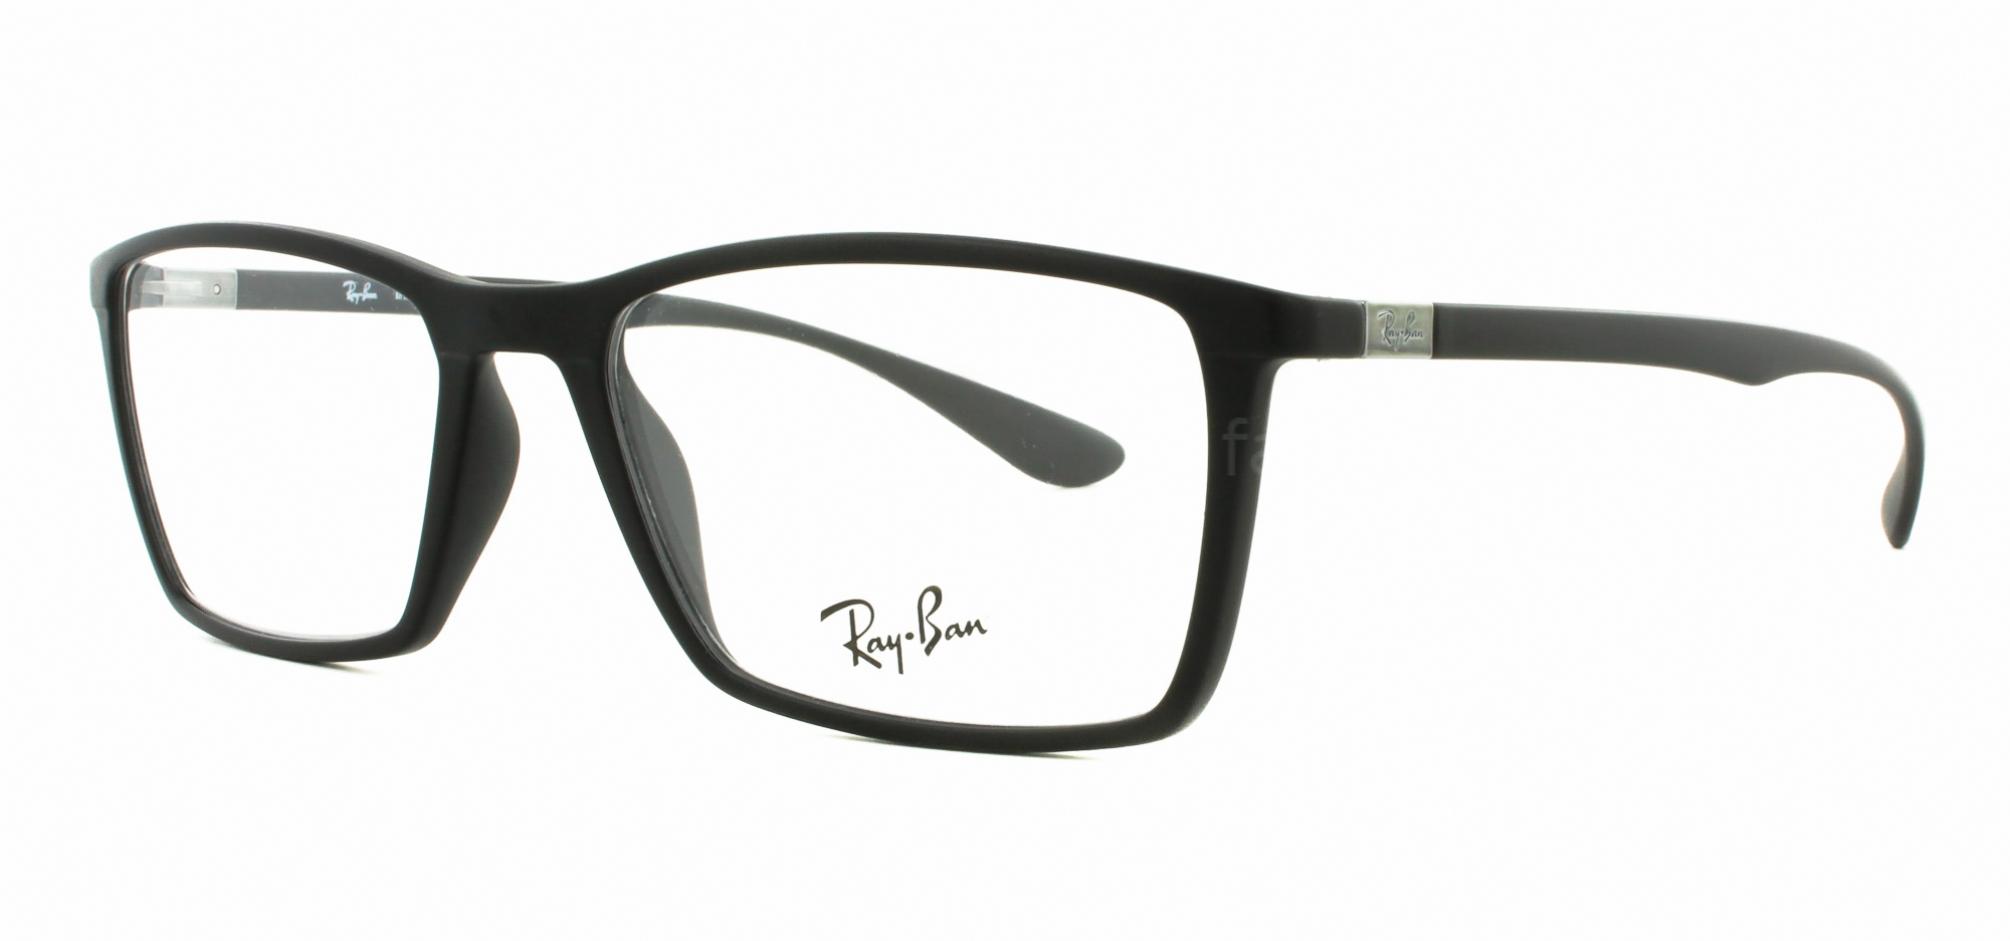 RAY BAN 7049